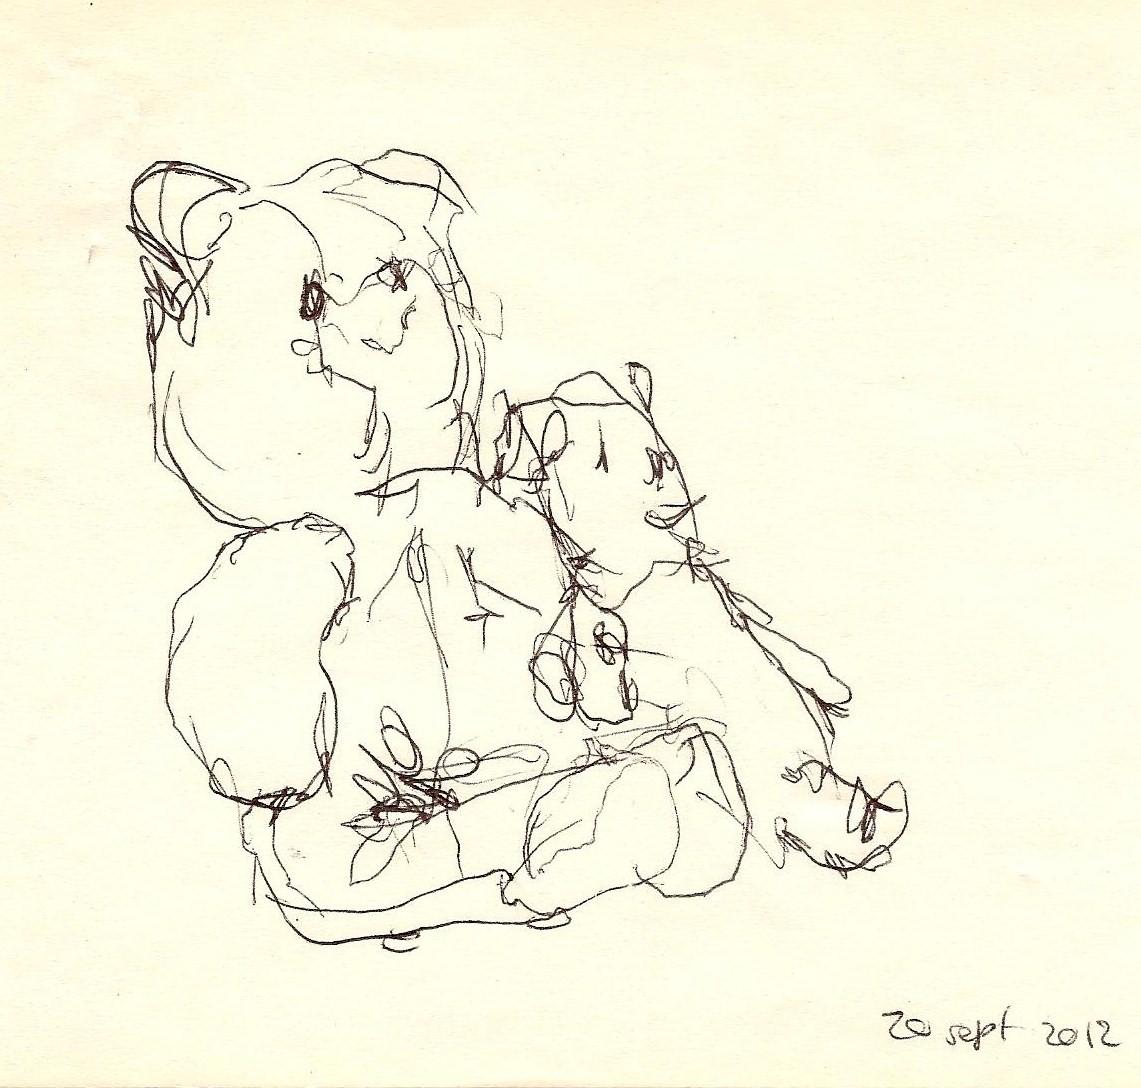 2012.09septiembre.20 don chiquito y mi oso